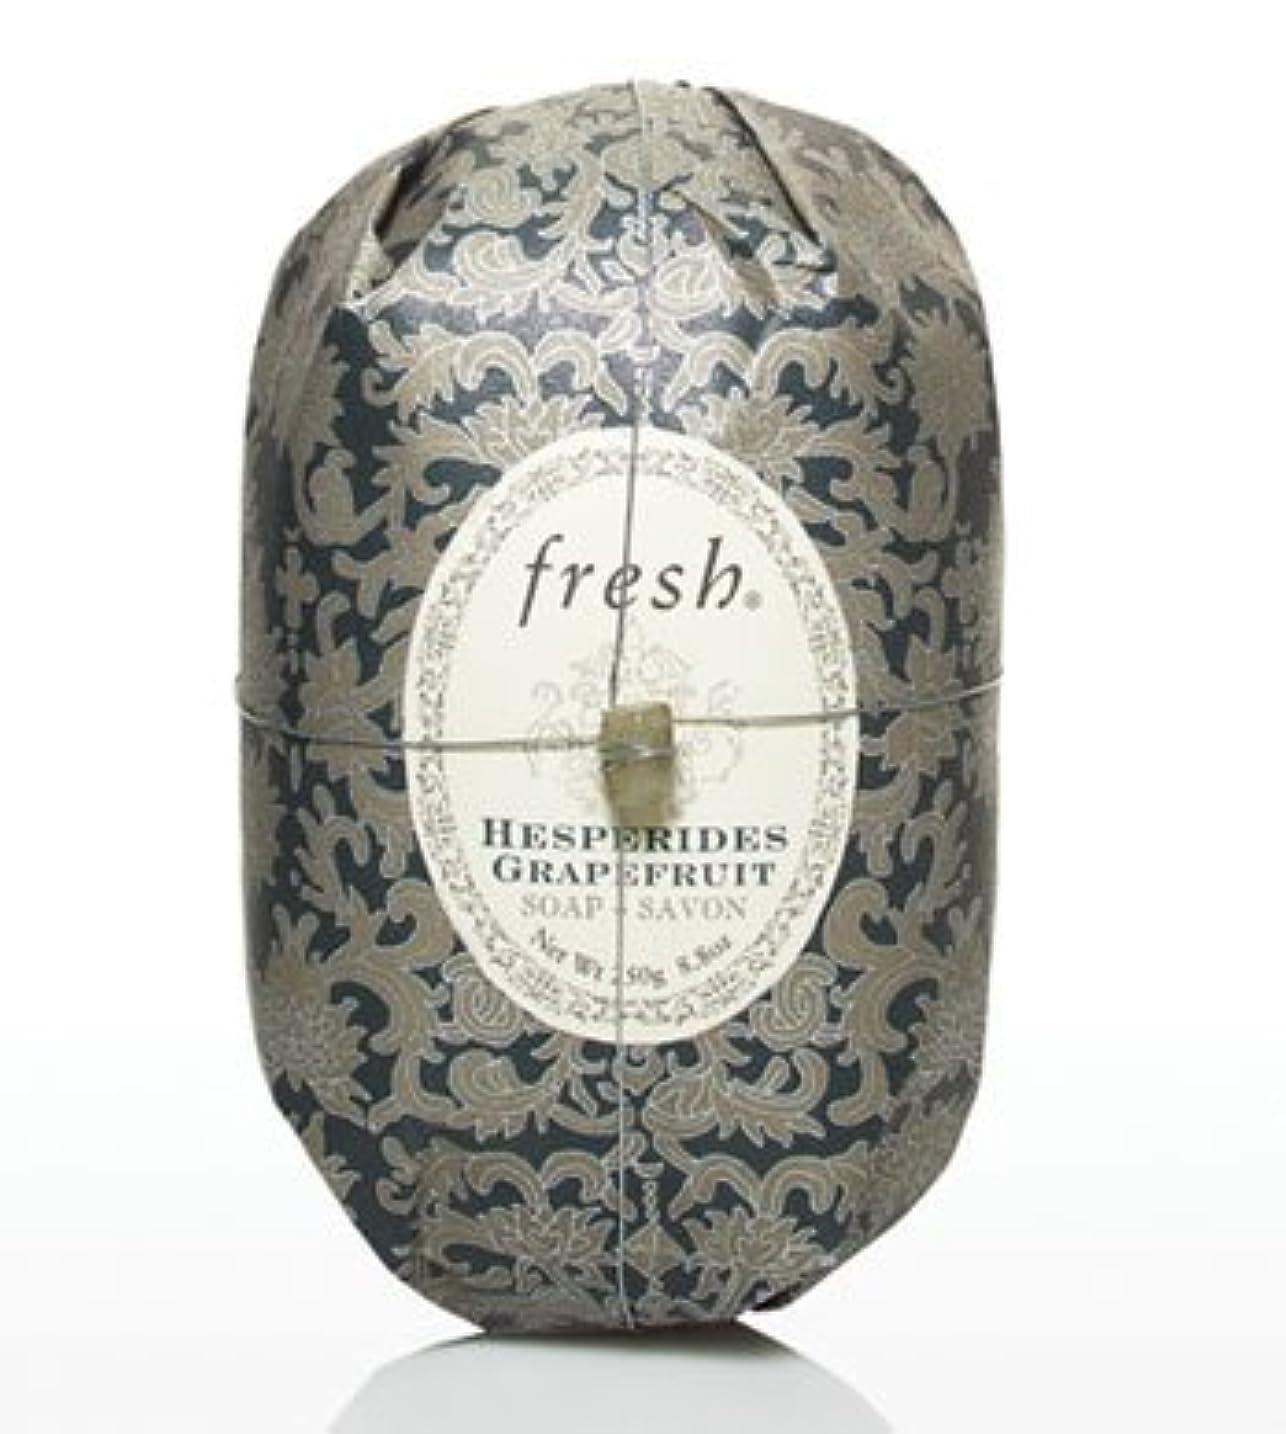 記念碑体細胞スキップFresh HESPERIDES GRAPEFRUIT SOAP (フレッシュ ヘスペリデス グレープフルーツ ソープ) 8.8 oz (250g) Soap (石鹸) by Fresh